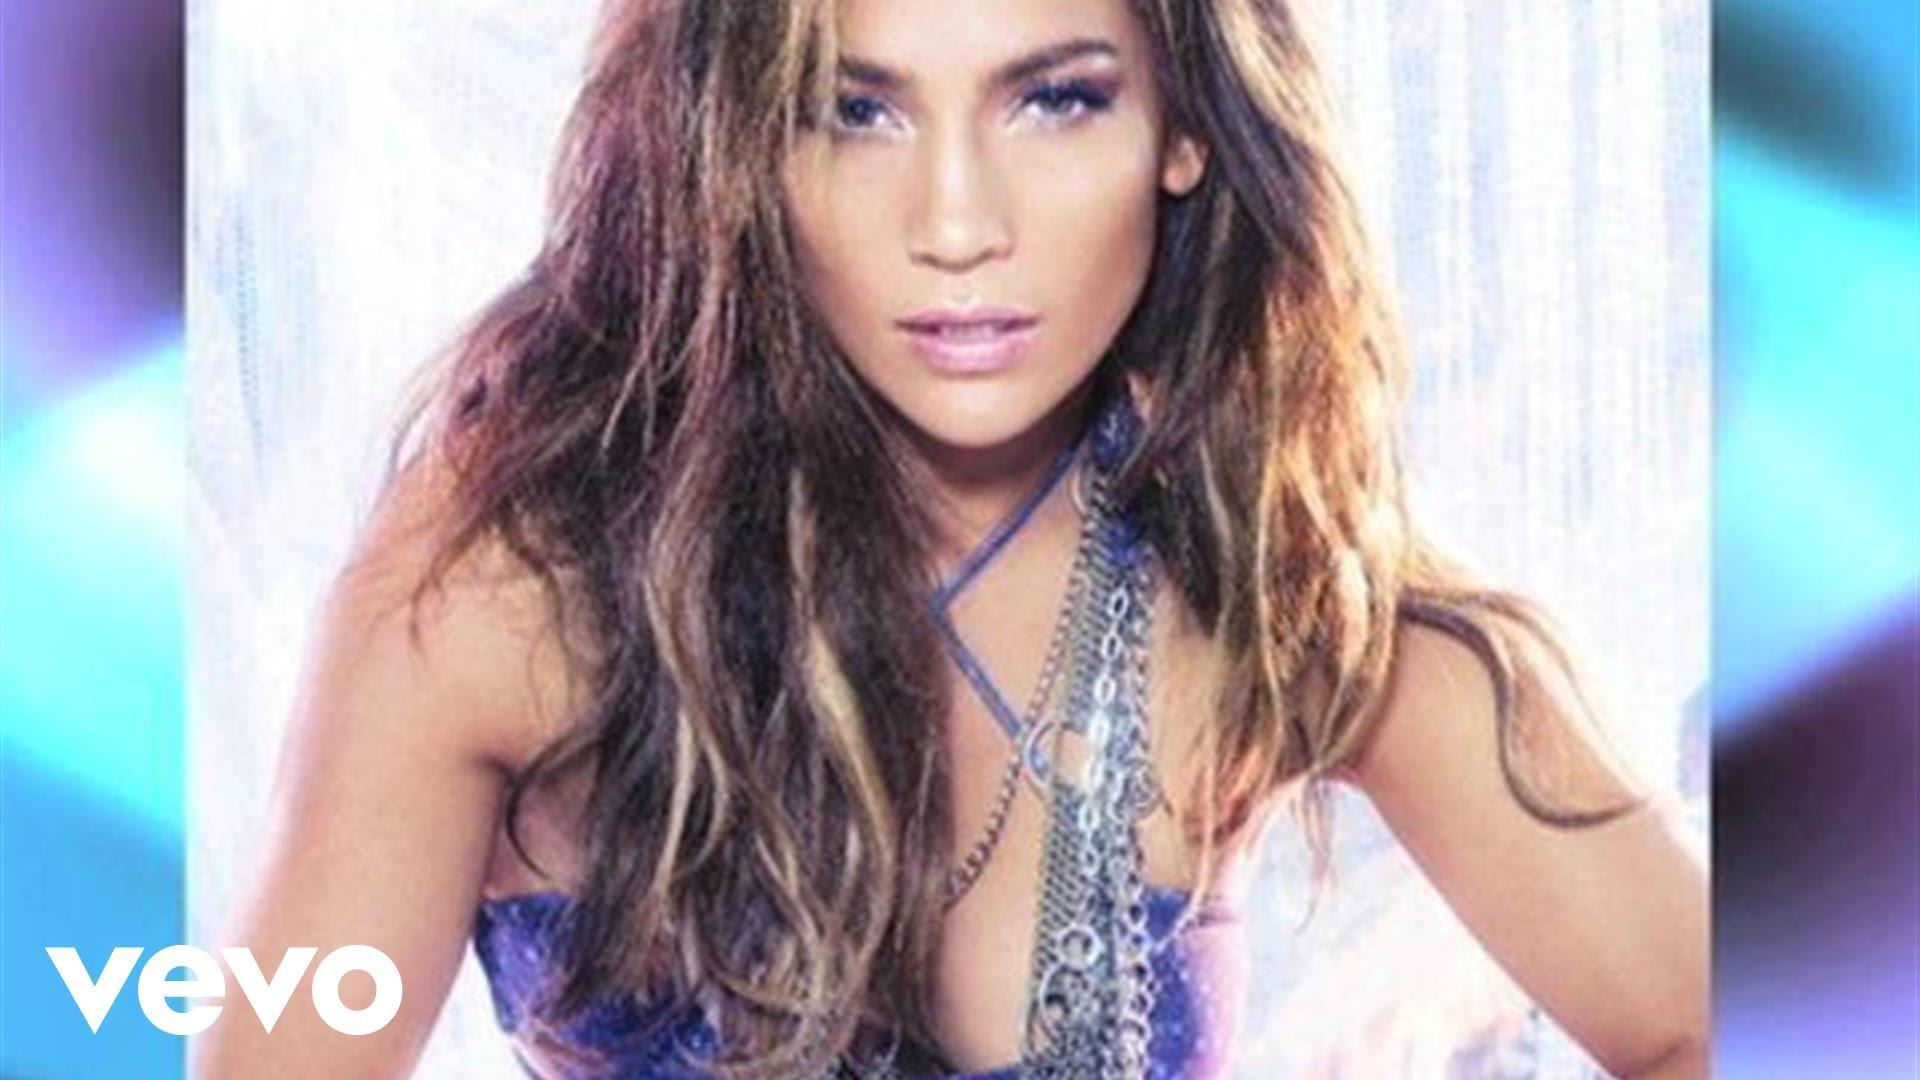 Jennifer Lopez - On The Floor (Teaser Video) ft. Pitbull - YouTube